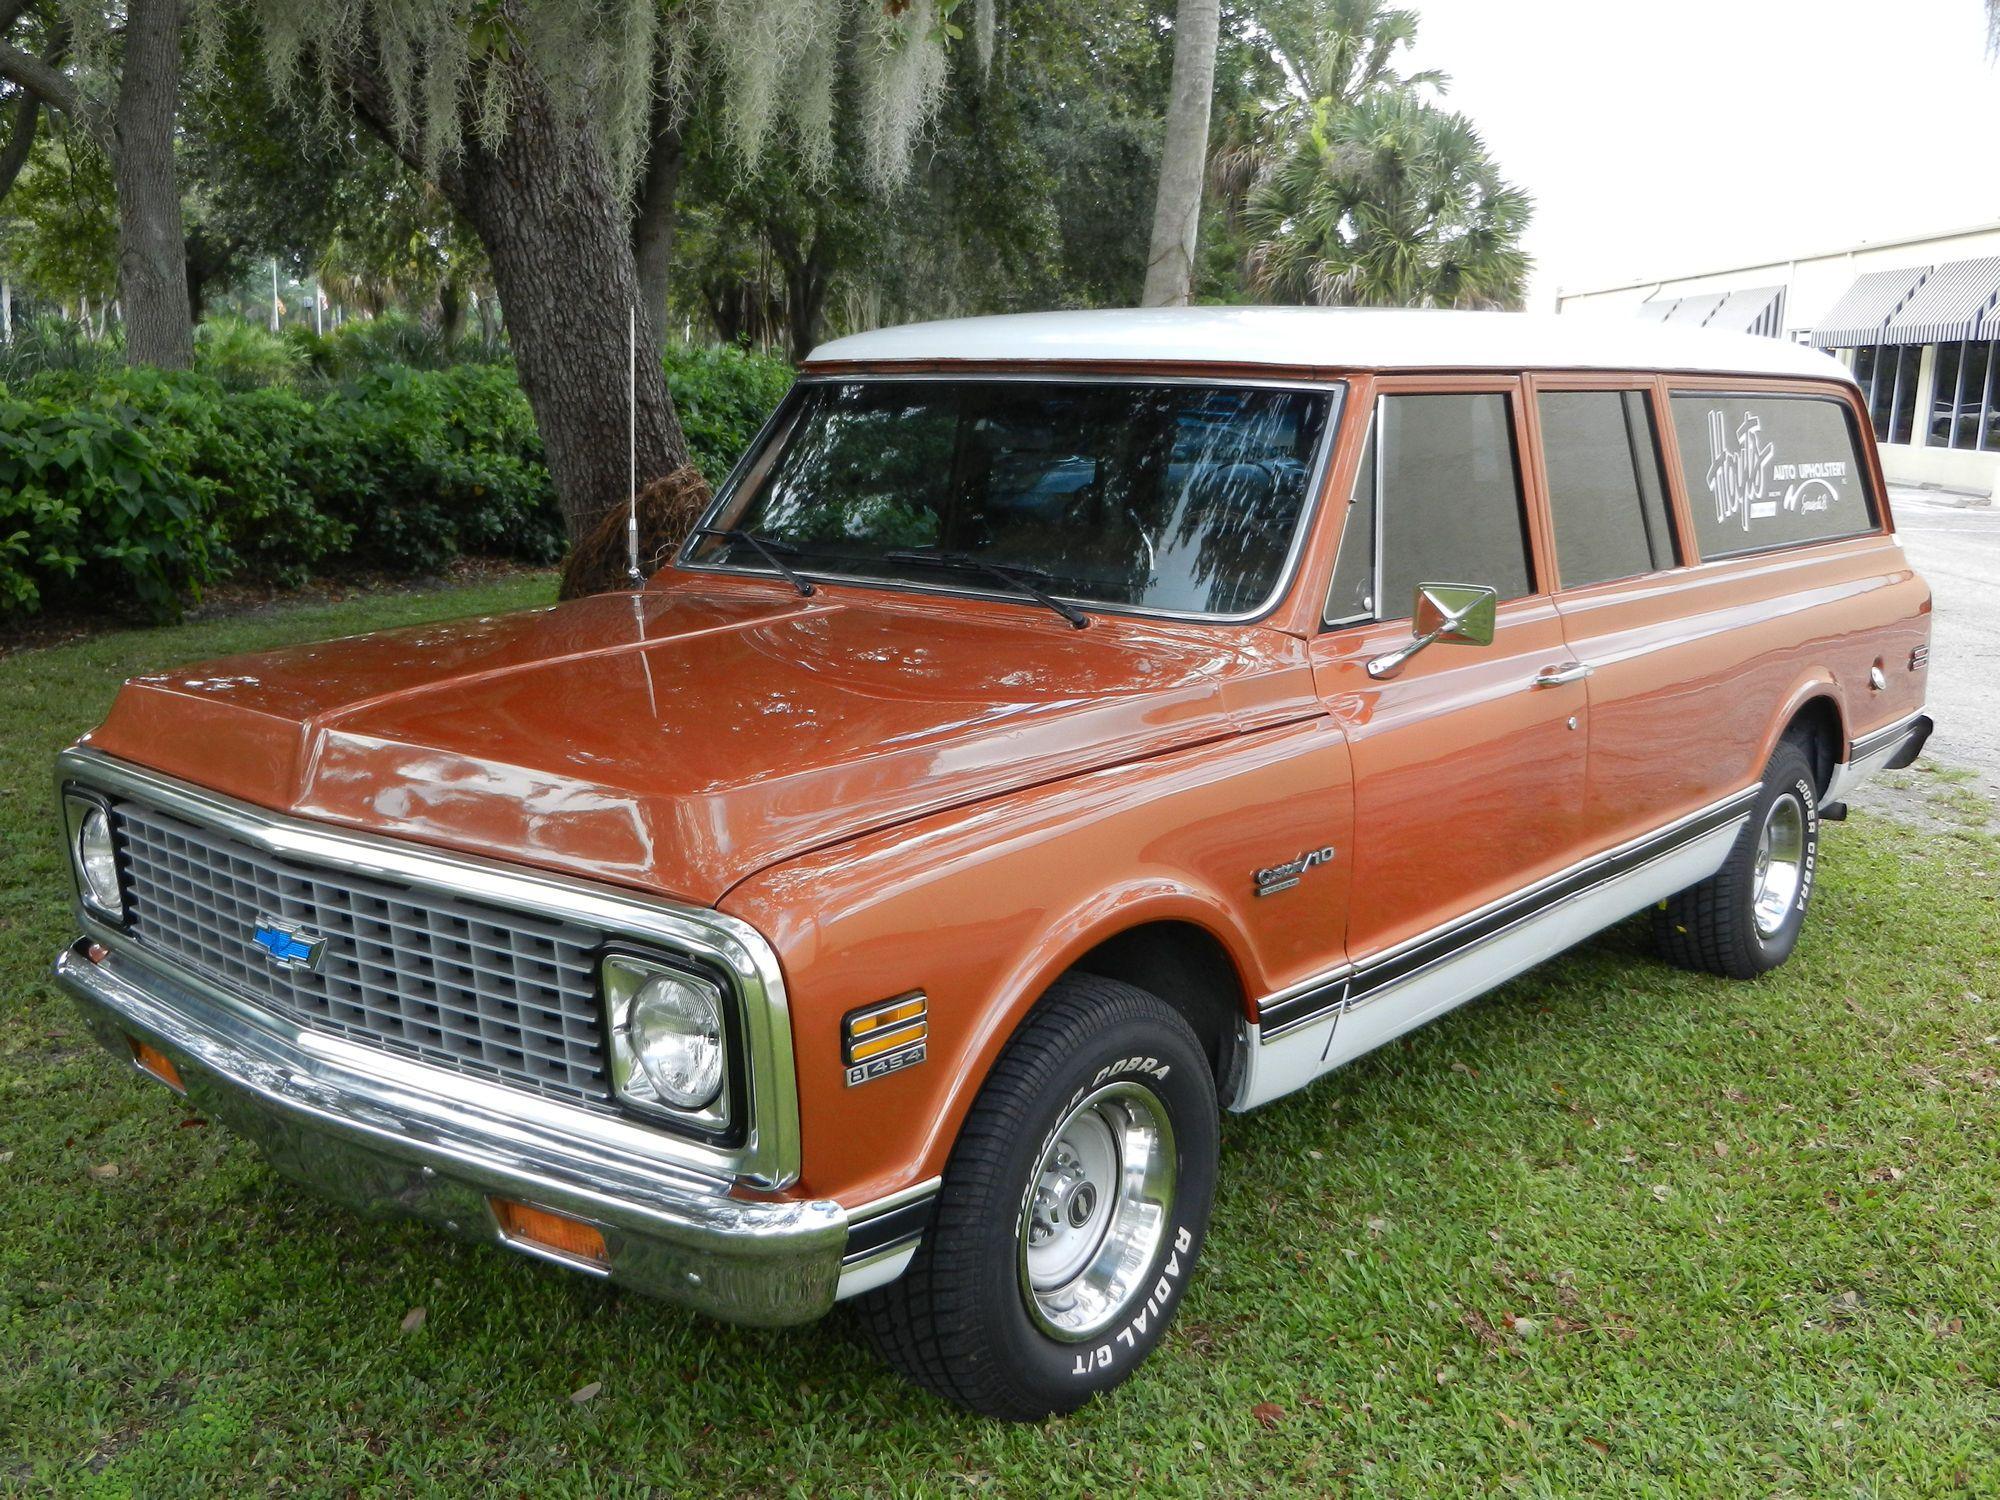 1972 CHEVROLET SUBURBAN 3-DOOR & 1972 CHEVROLET SUBURBAN 3-DOOR   Trucks   Pinterest   Chevrolet ...